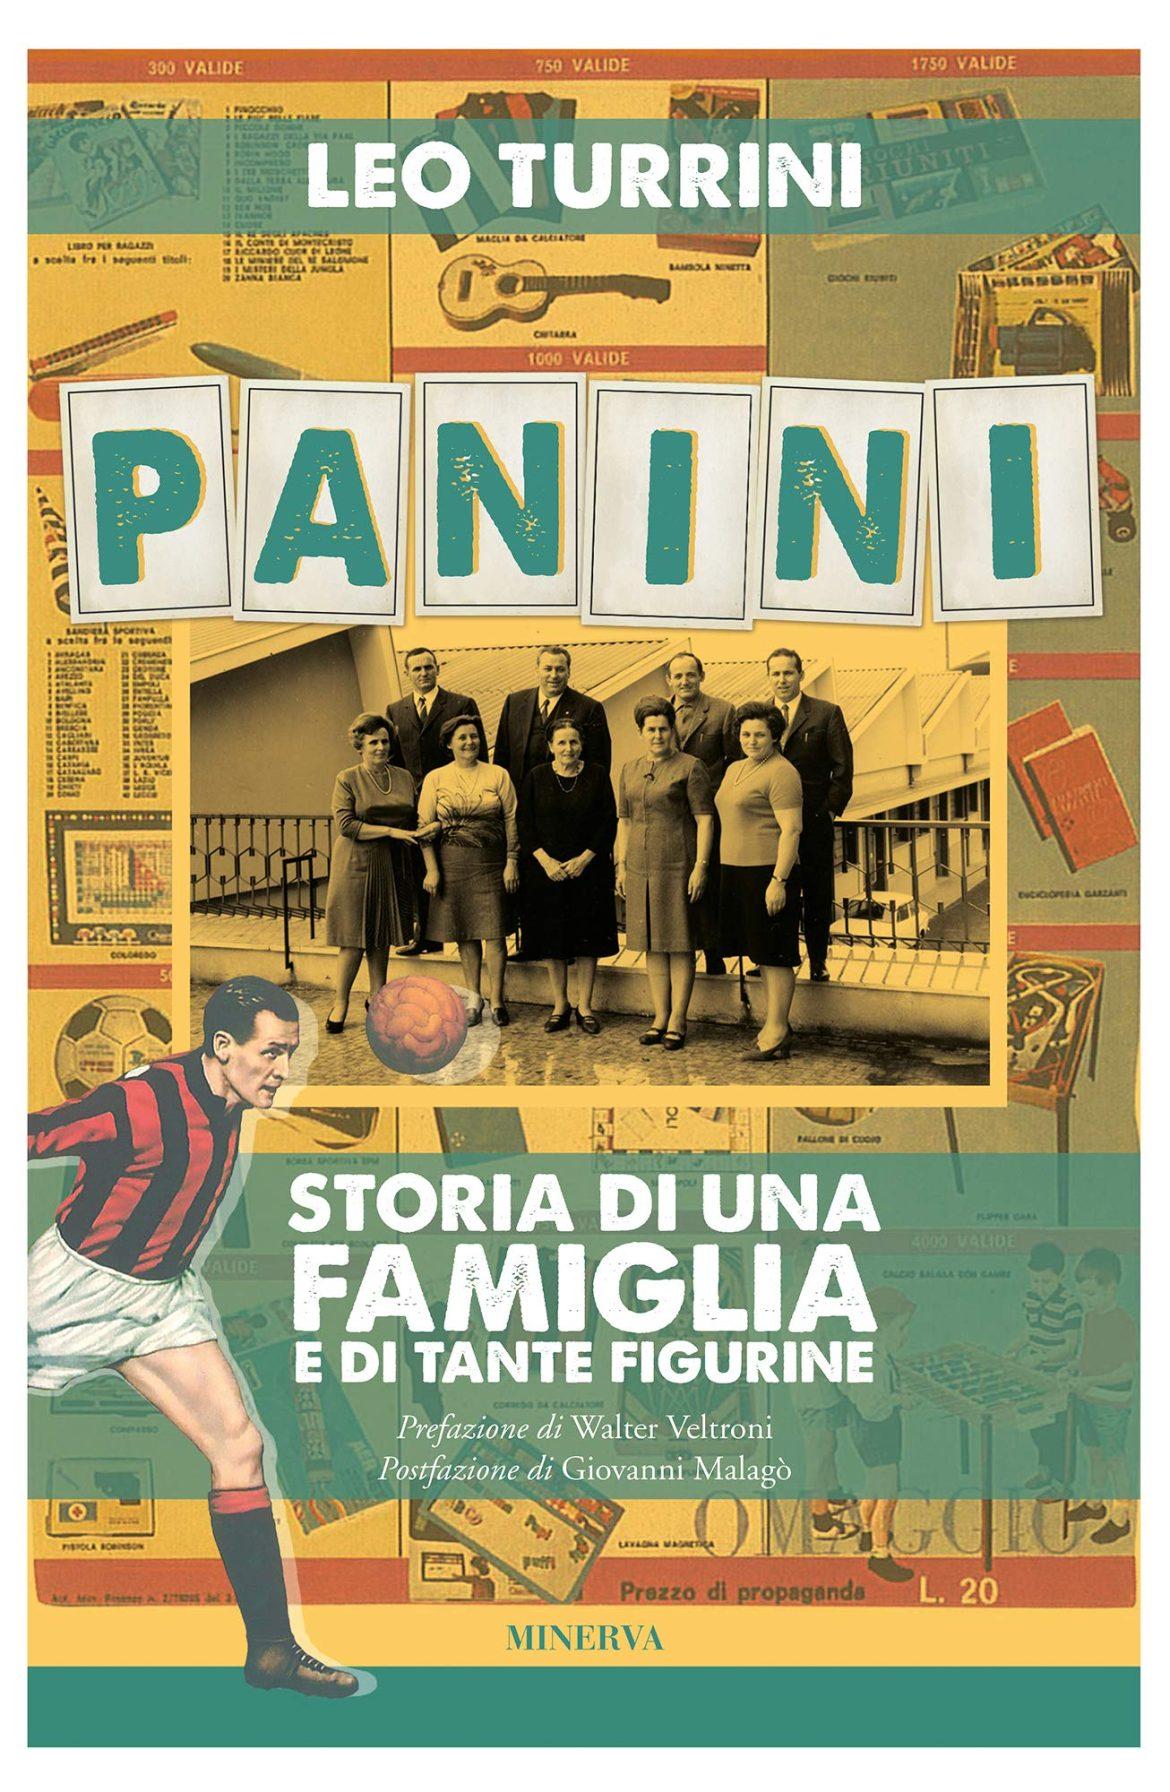 Panini, Storia Di Una Famiglia e Di Tante Figurine – Leo Turrini